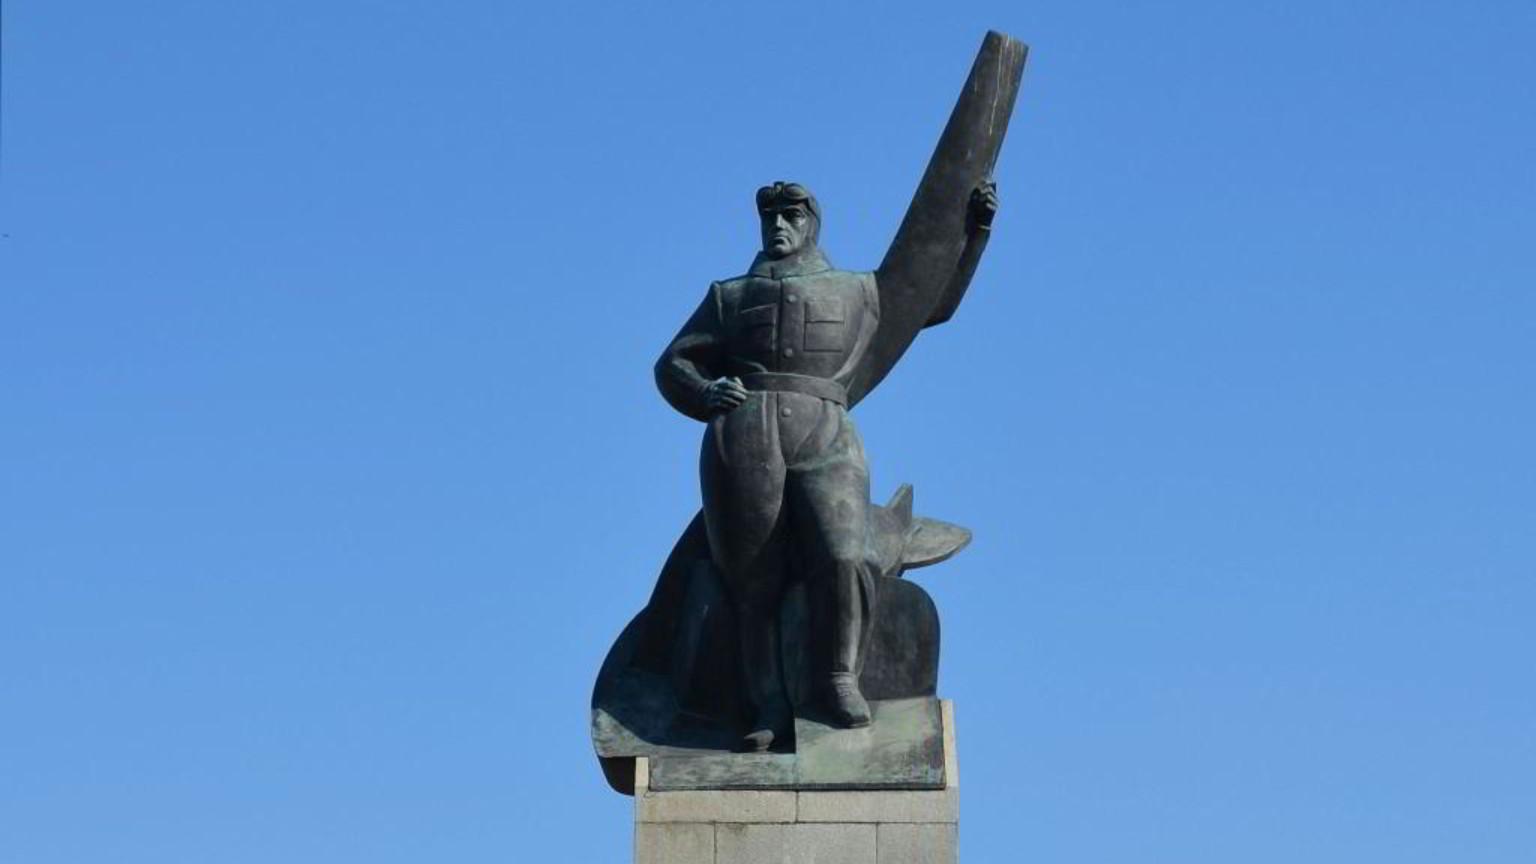 Zdjęcie dla kartki: Odsłonięcie zrekonstruowanego pomnika Lotnika